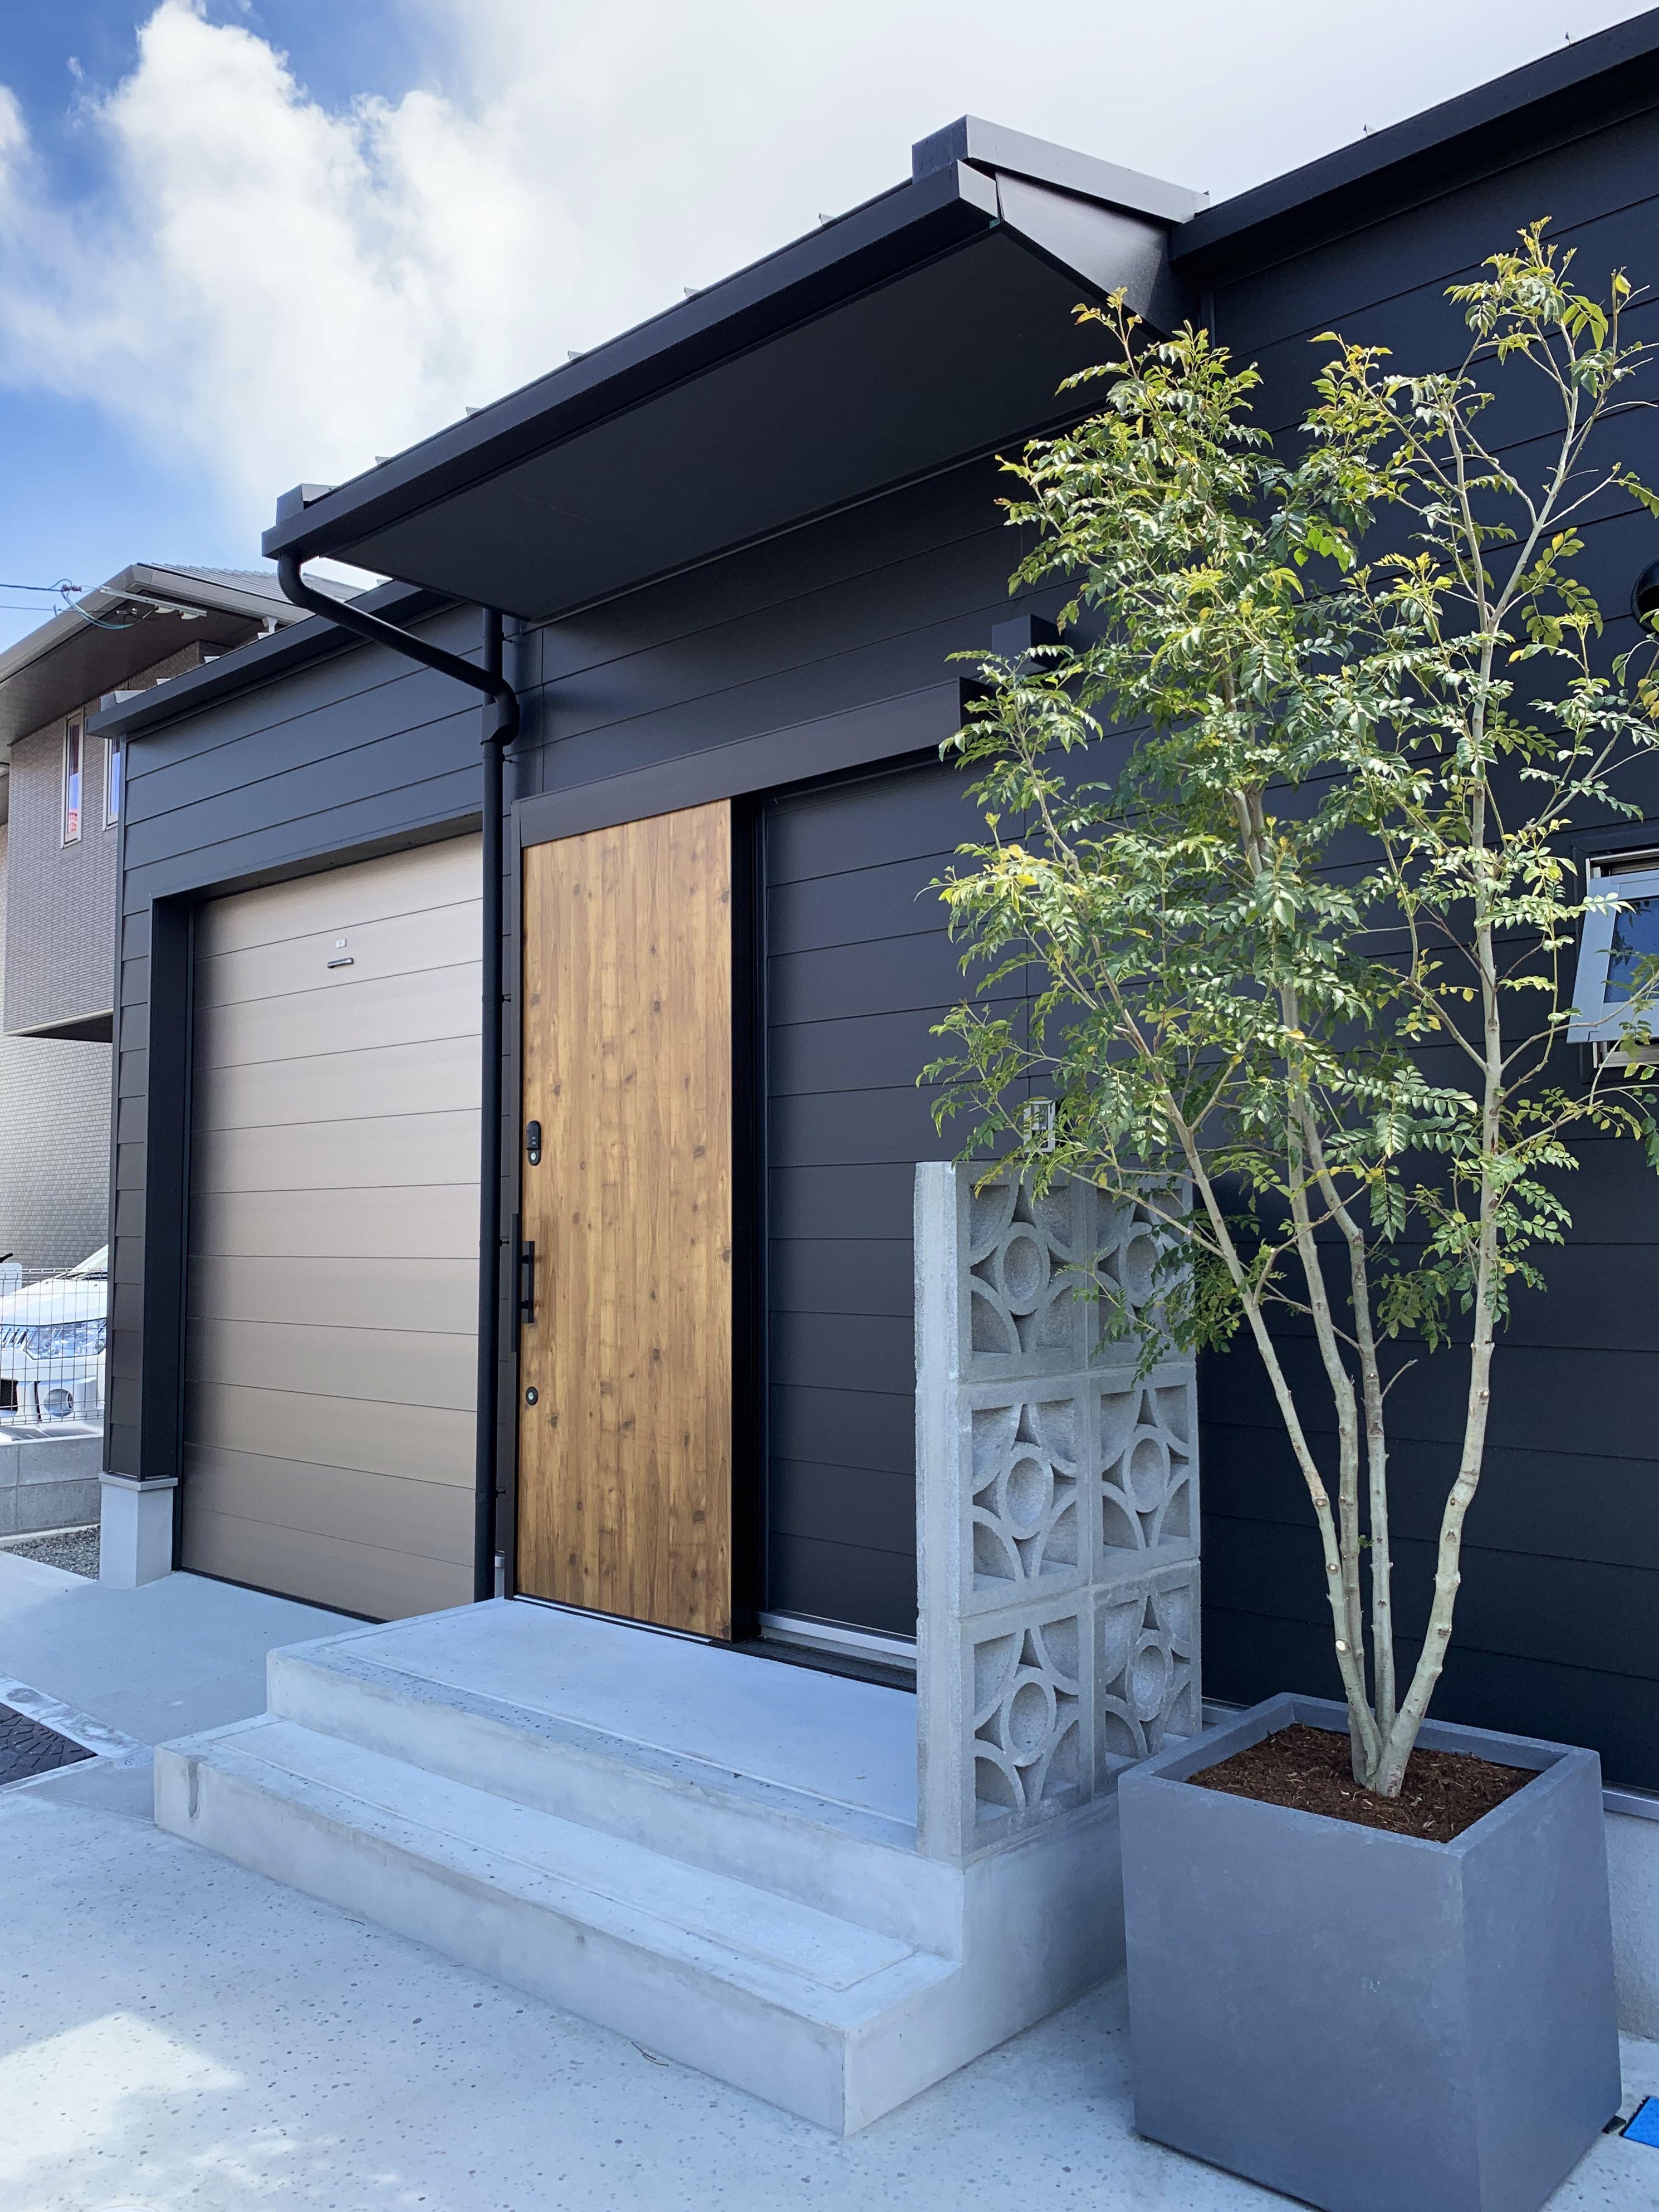 ビルトインガレージと薪ストーブのある平屋の家 東広島市 321house